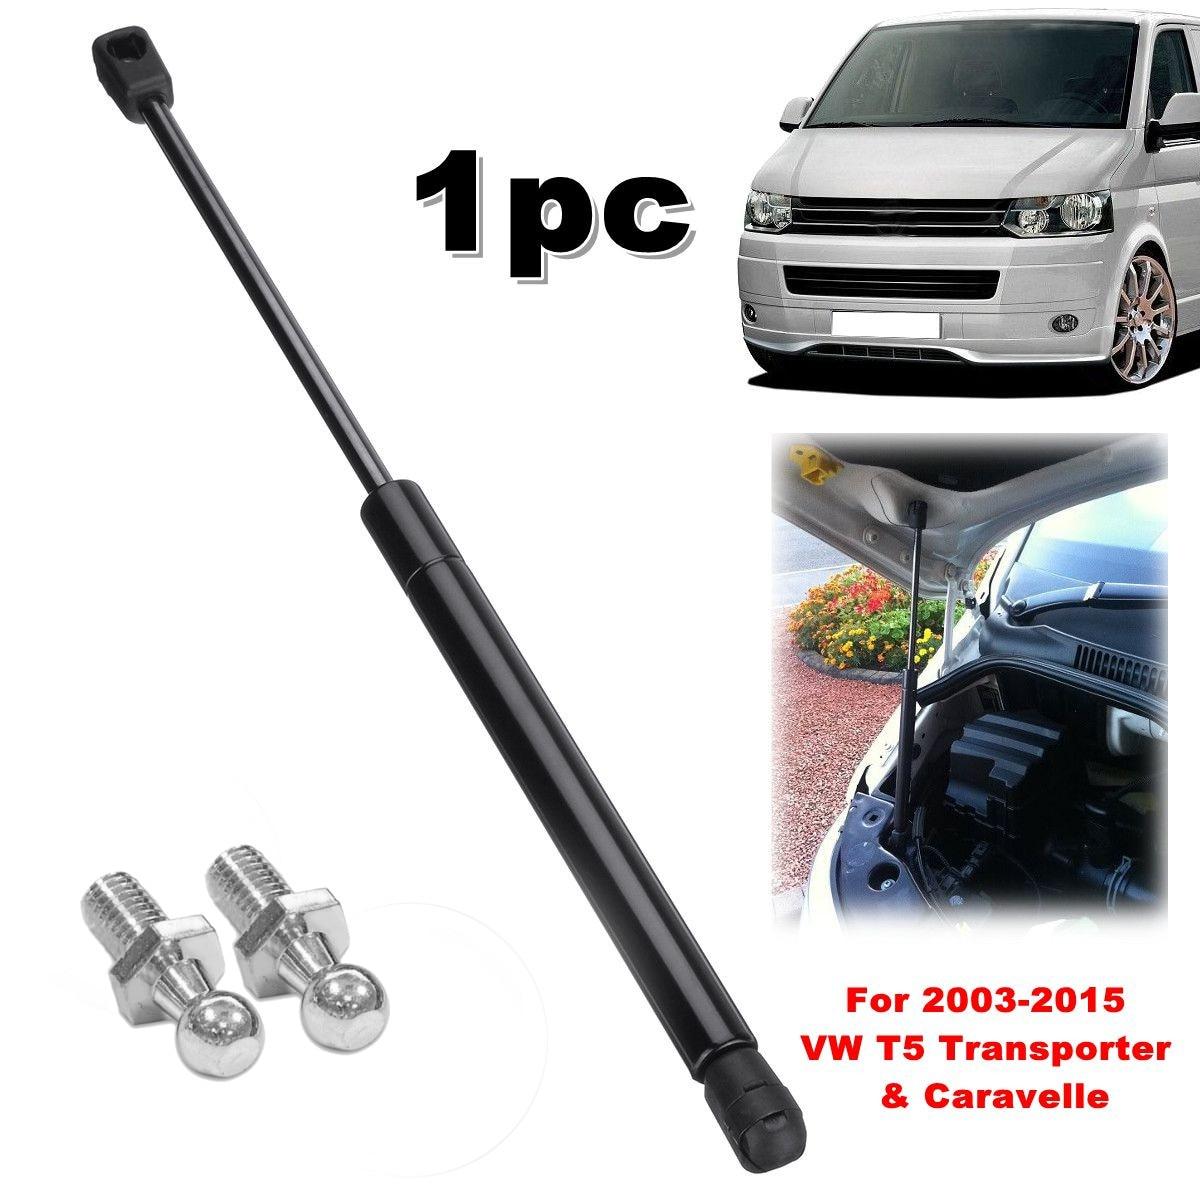 1Pc 전면 보닛 후드 지원 가스 스트럿 7E0823359 For Volkswagen VW T5 Transporter Caravelle 2003 2004 2005 2006 2007-2015